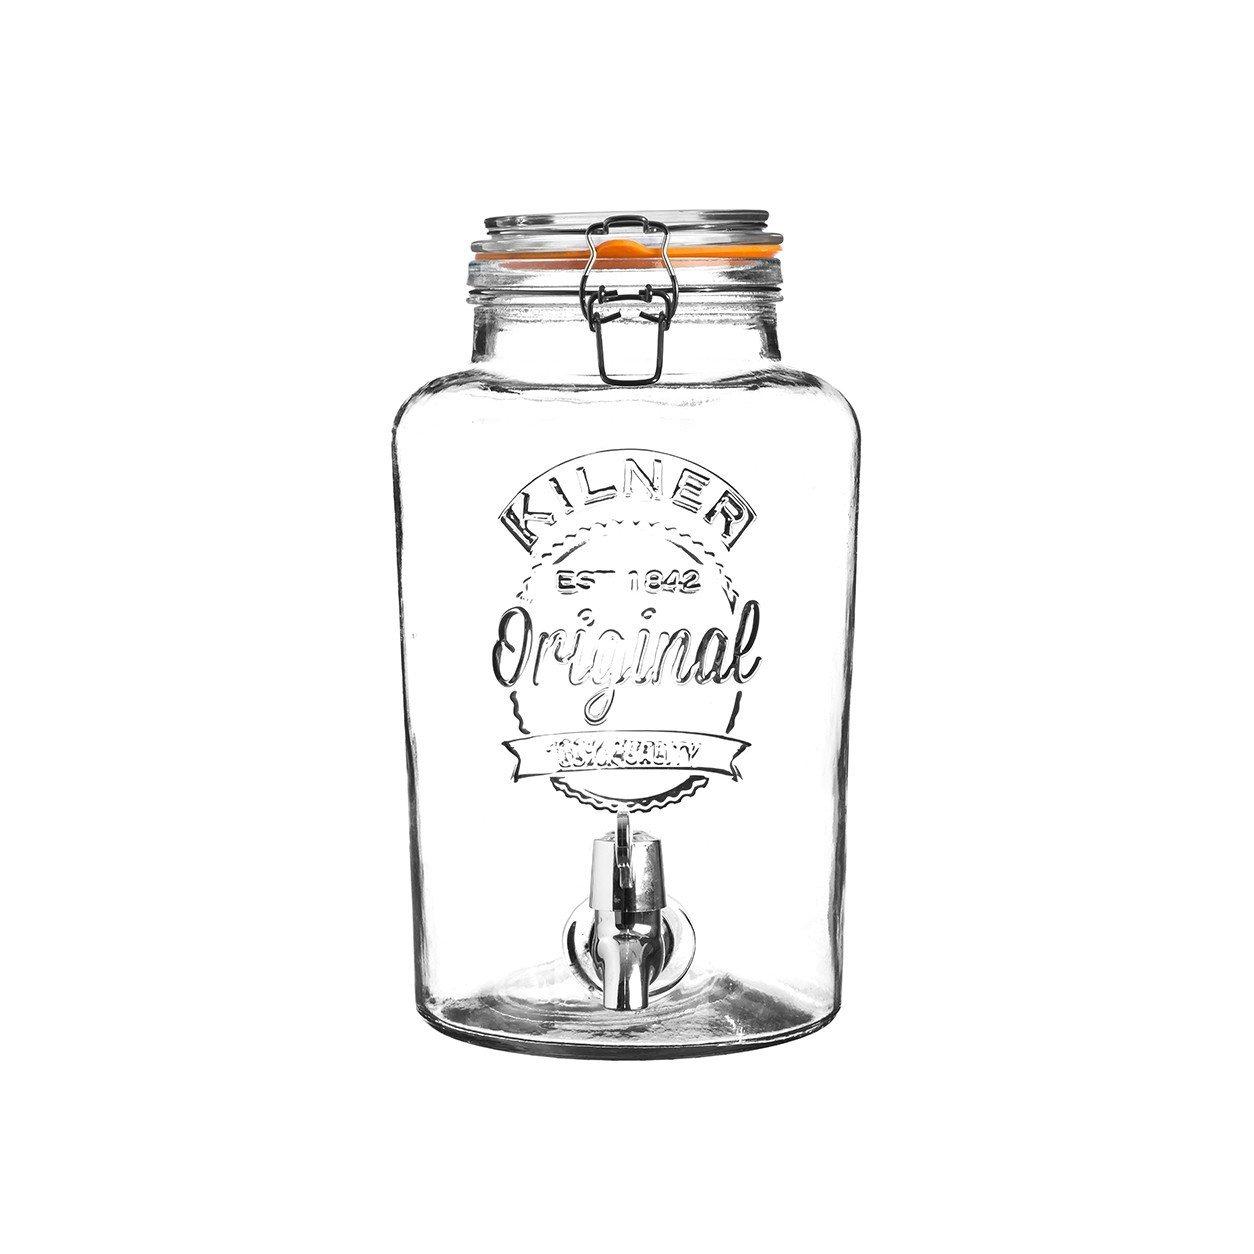 Vintage Wasserspender Saftspender Zapfhahn Deckel Rayw Getr/änkespender Original 5 L Glas Einmachglas Optik mit Metall Clip